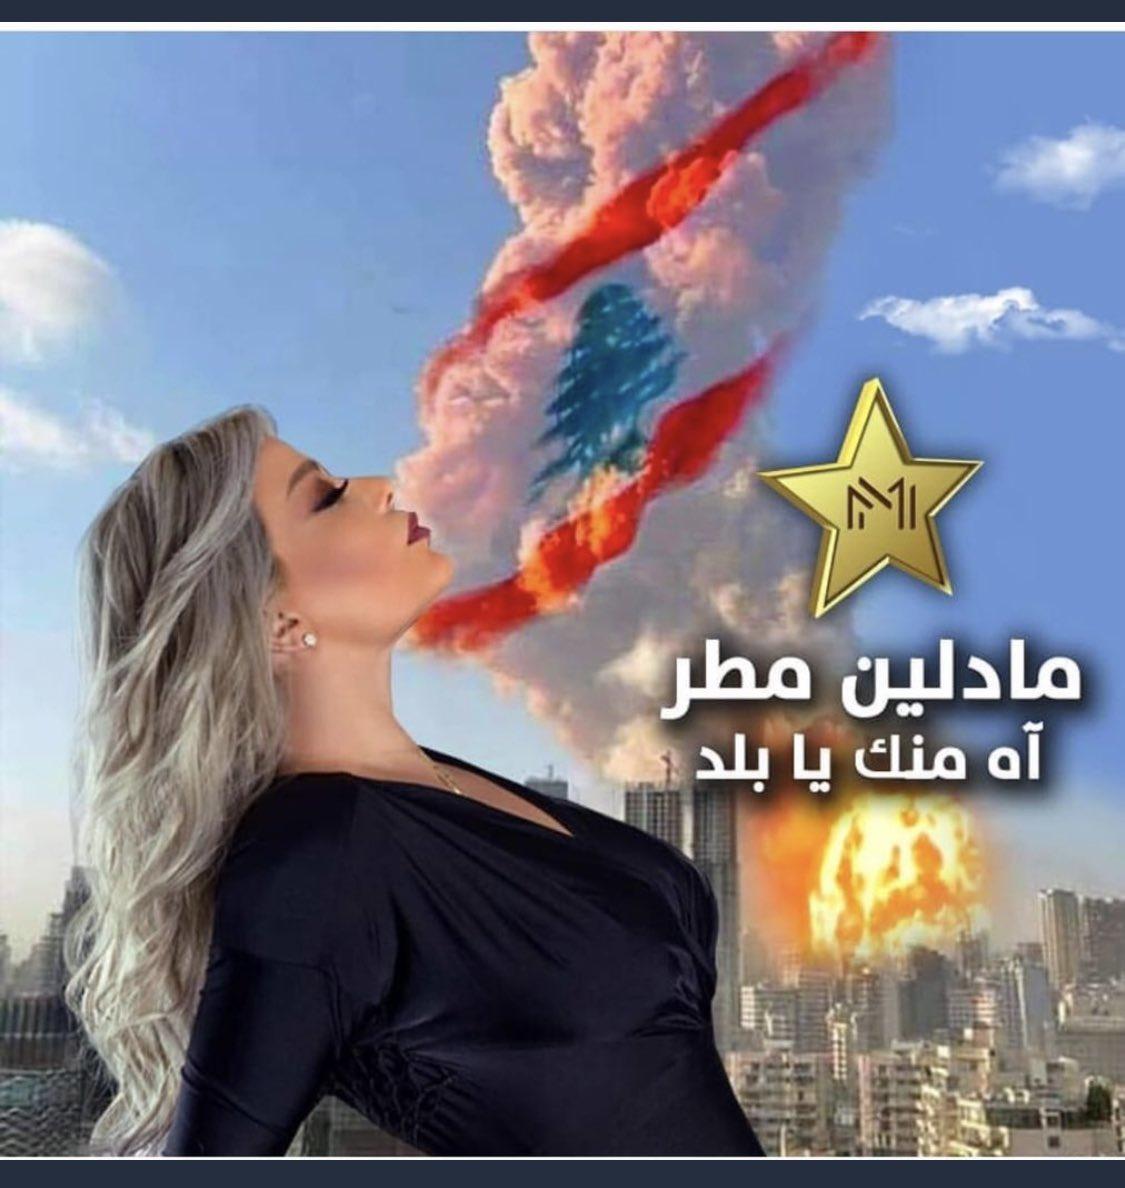 تسخيف إنفجار المرفأ بهذه الطريقة إهانة لكّل لبناني .  لا تستعملوا الصُوَر للتسويق . الإنفجار لا يصنع نجوم.